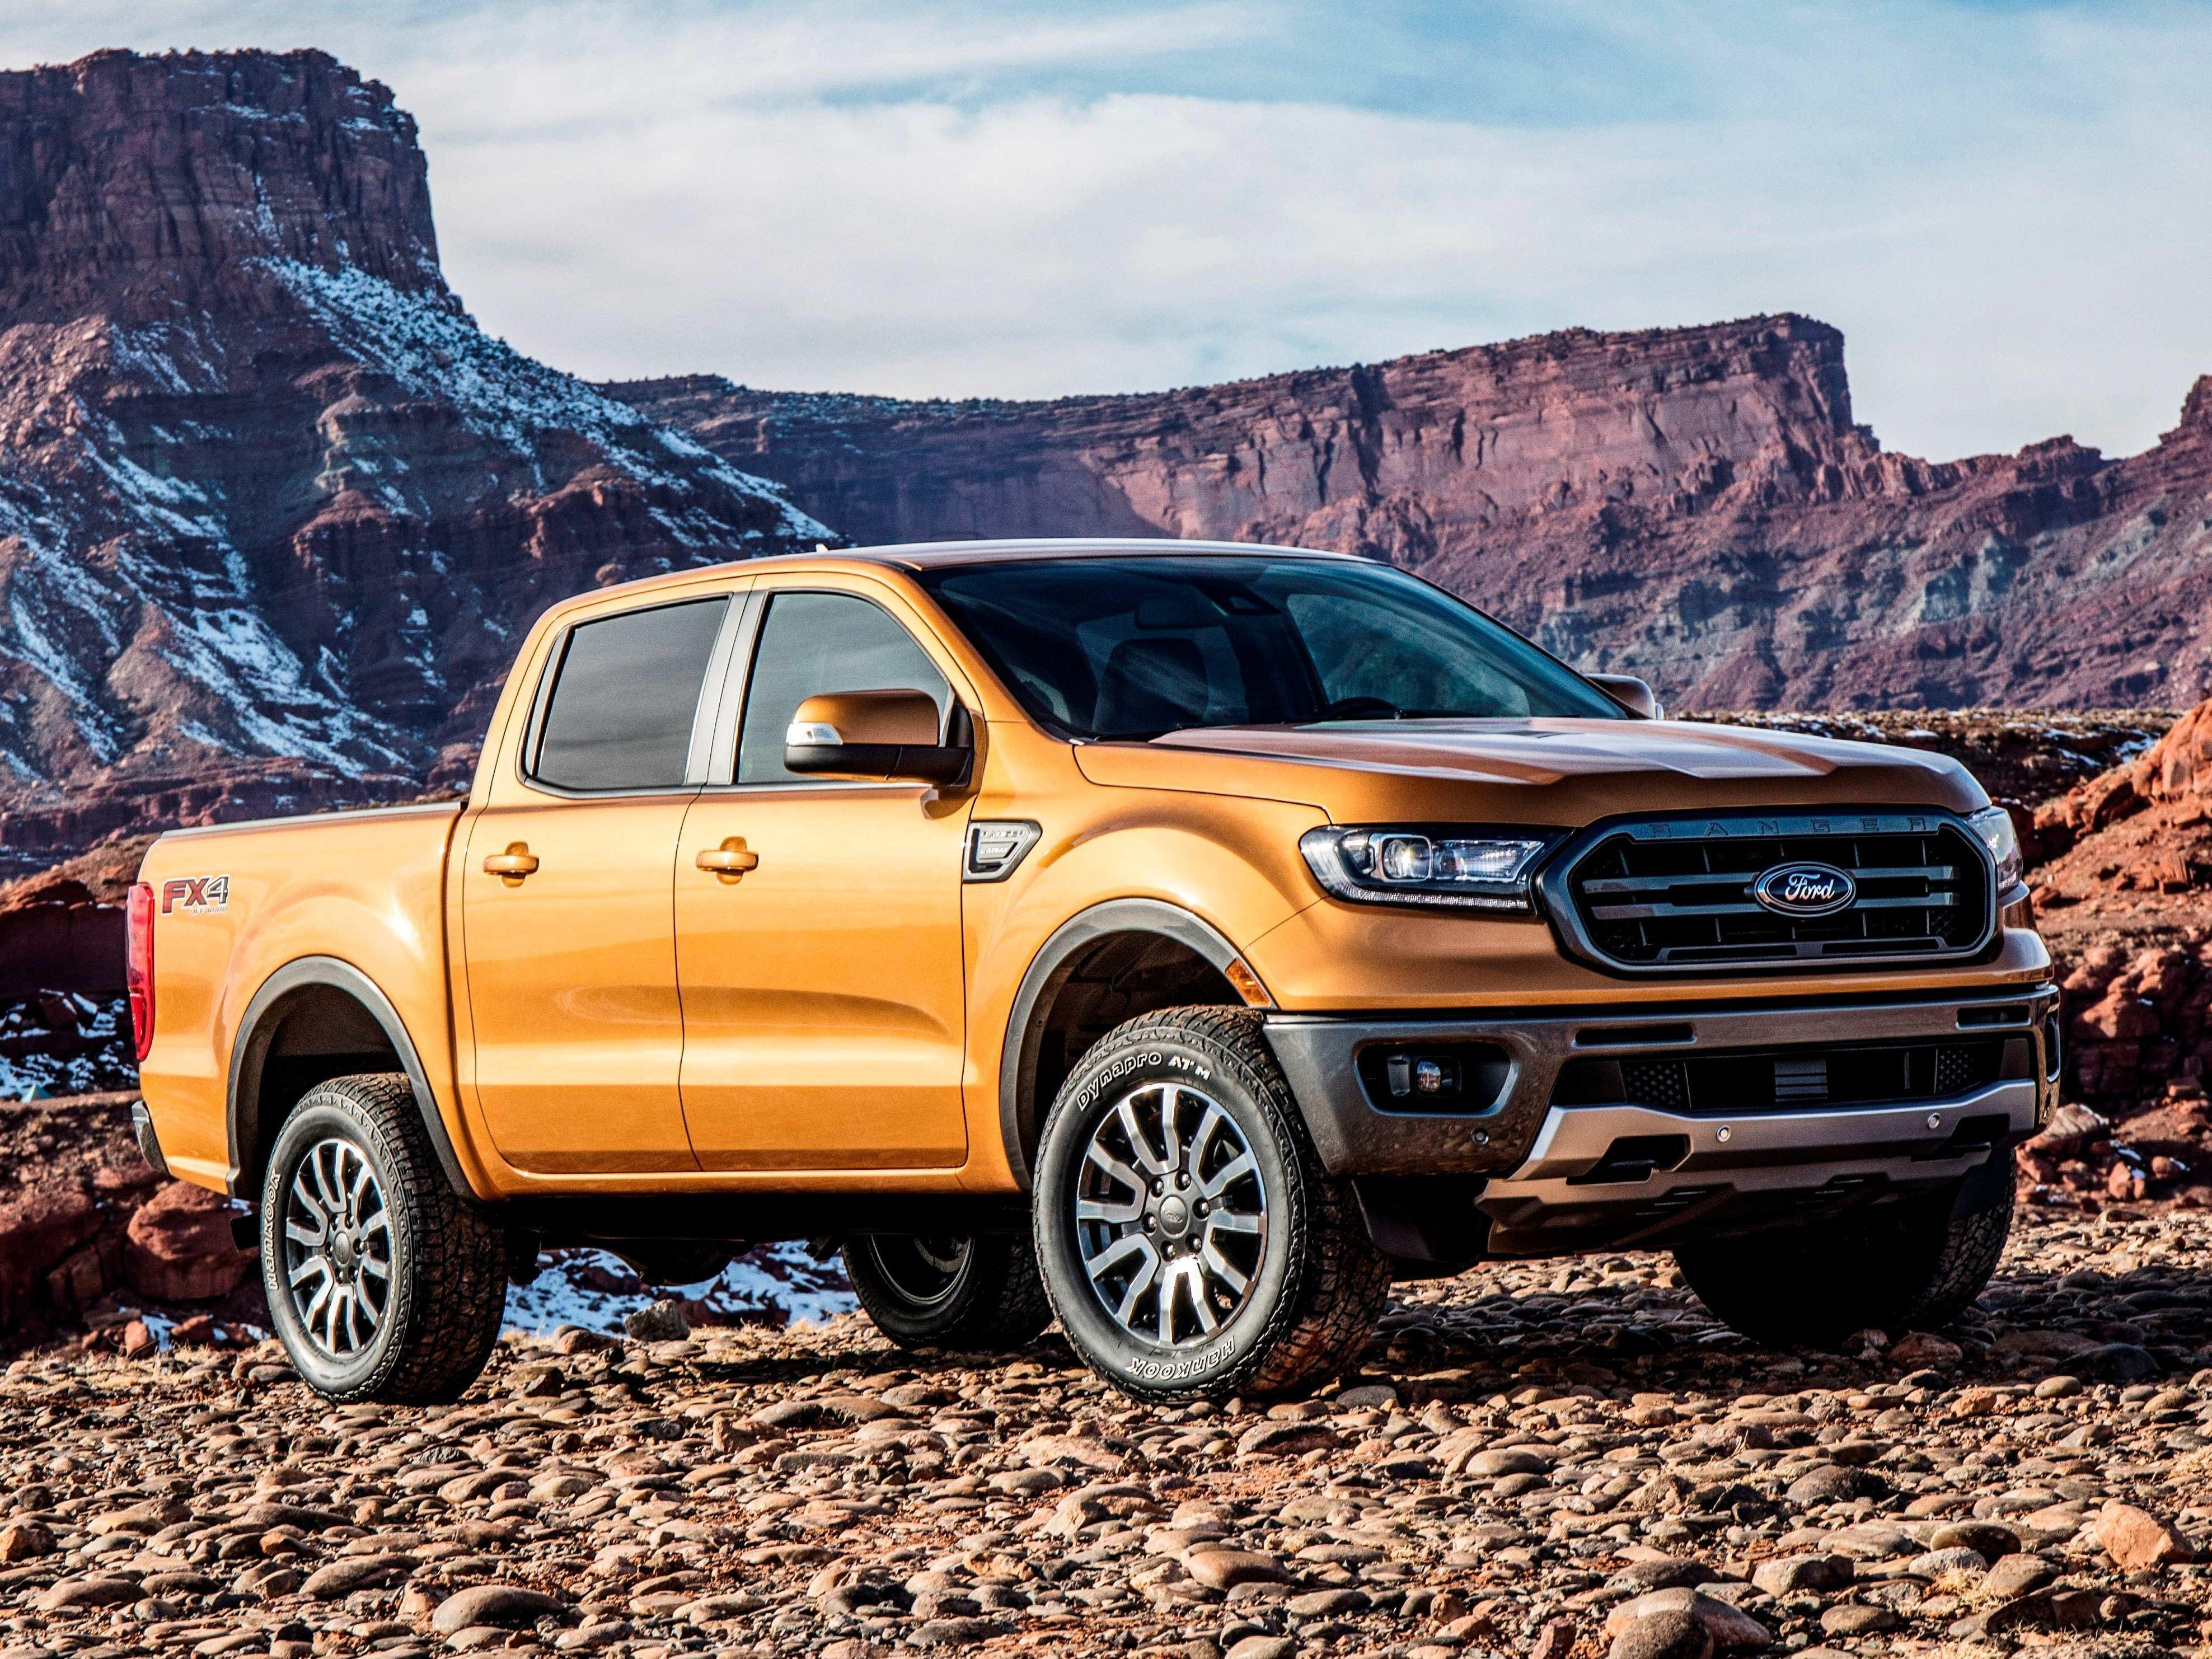 47 New 2019 Ford Ranger Australia Wallpaper for 2019 Ford Ranger Australia